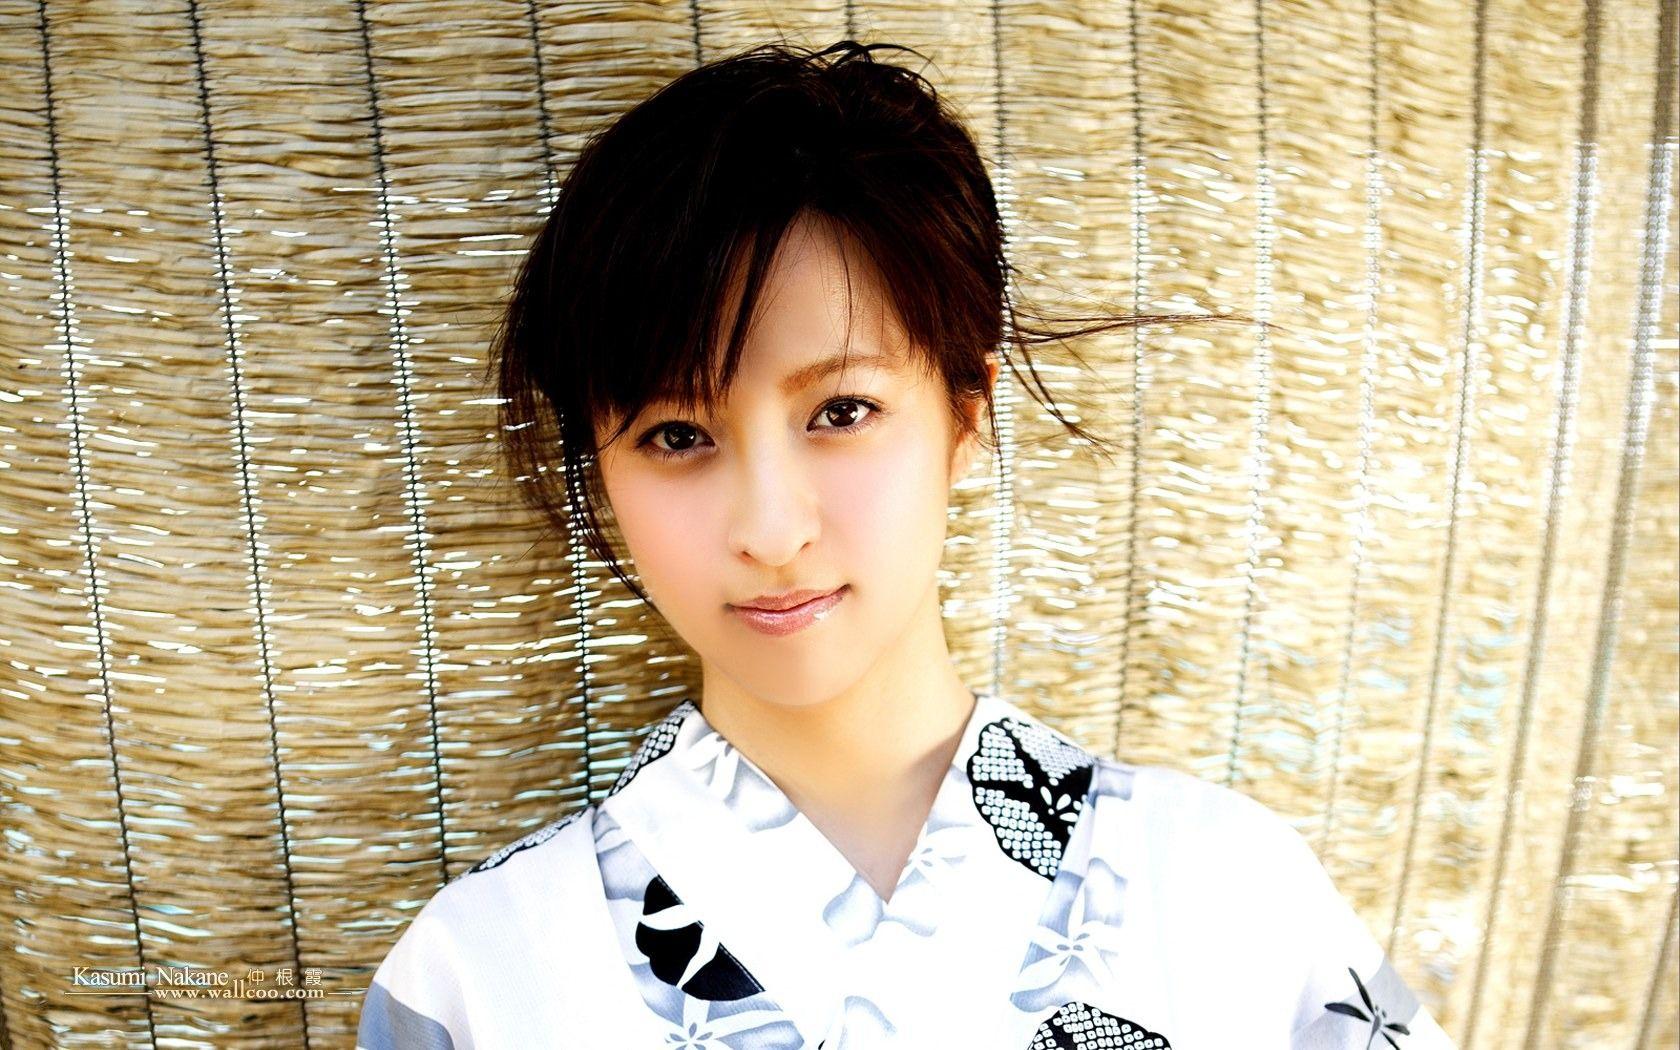 仲根かすみ|Kasumi Nakane - 168...